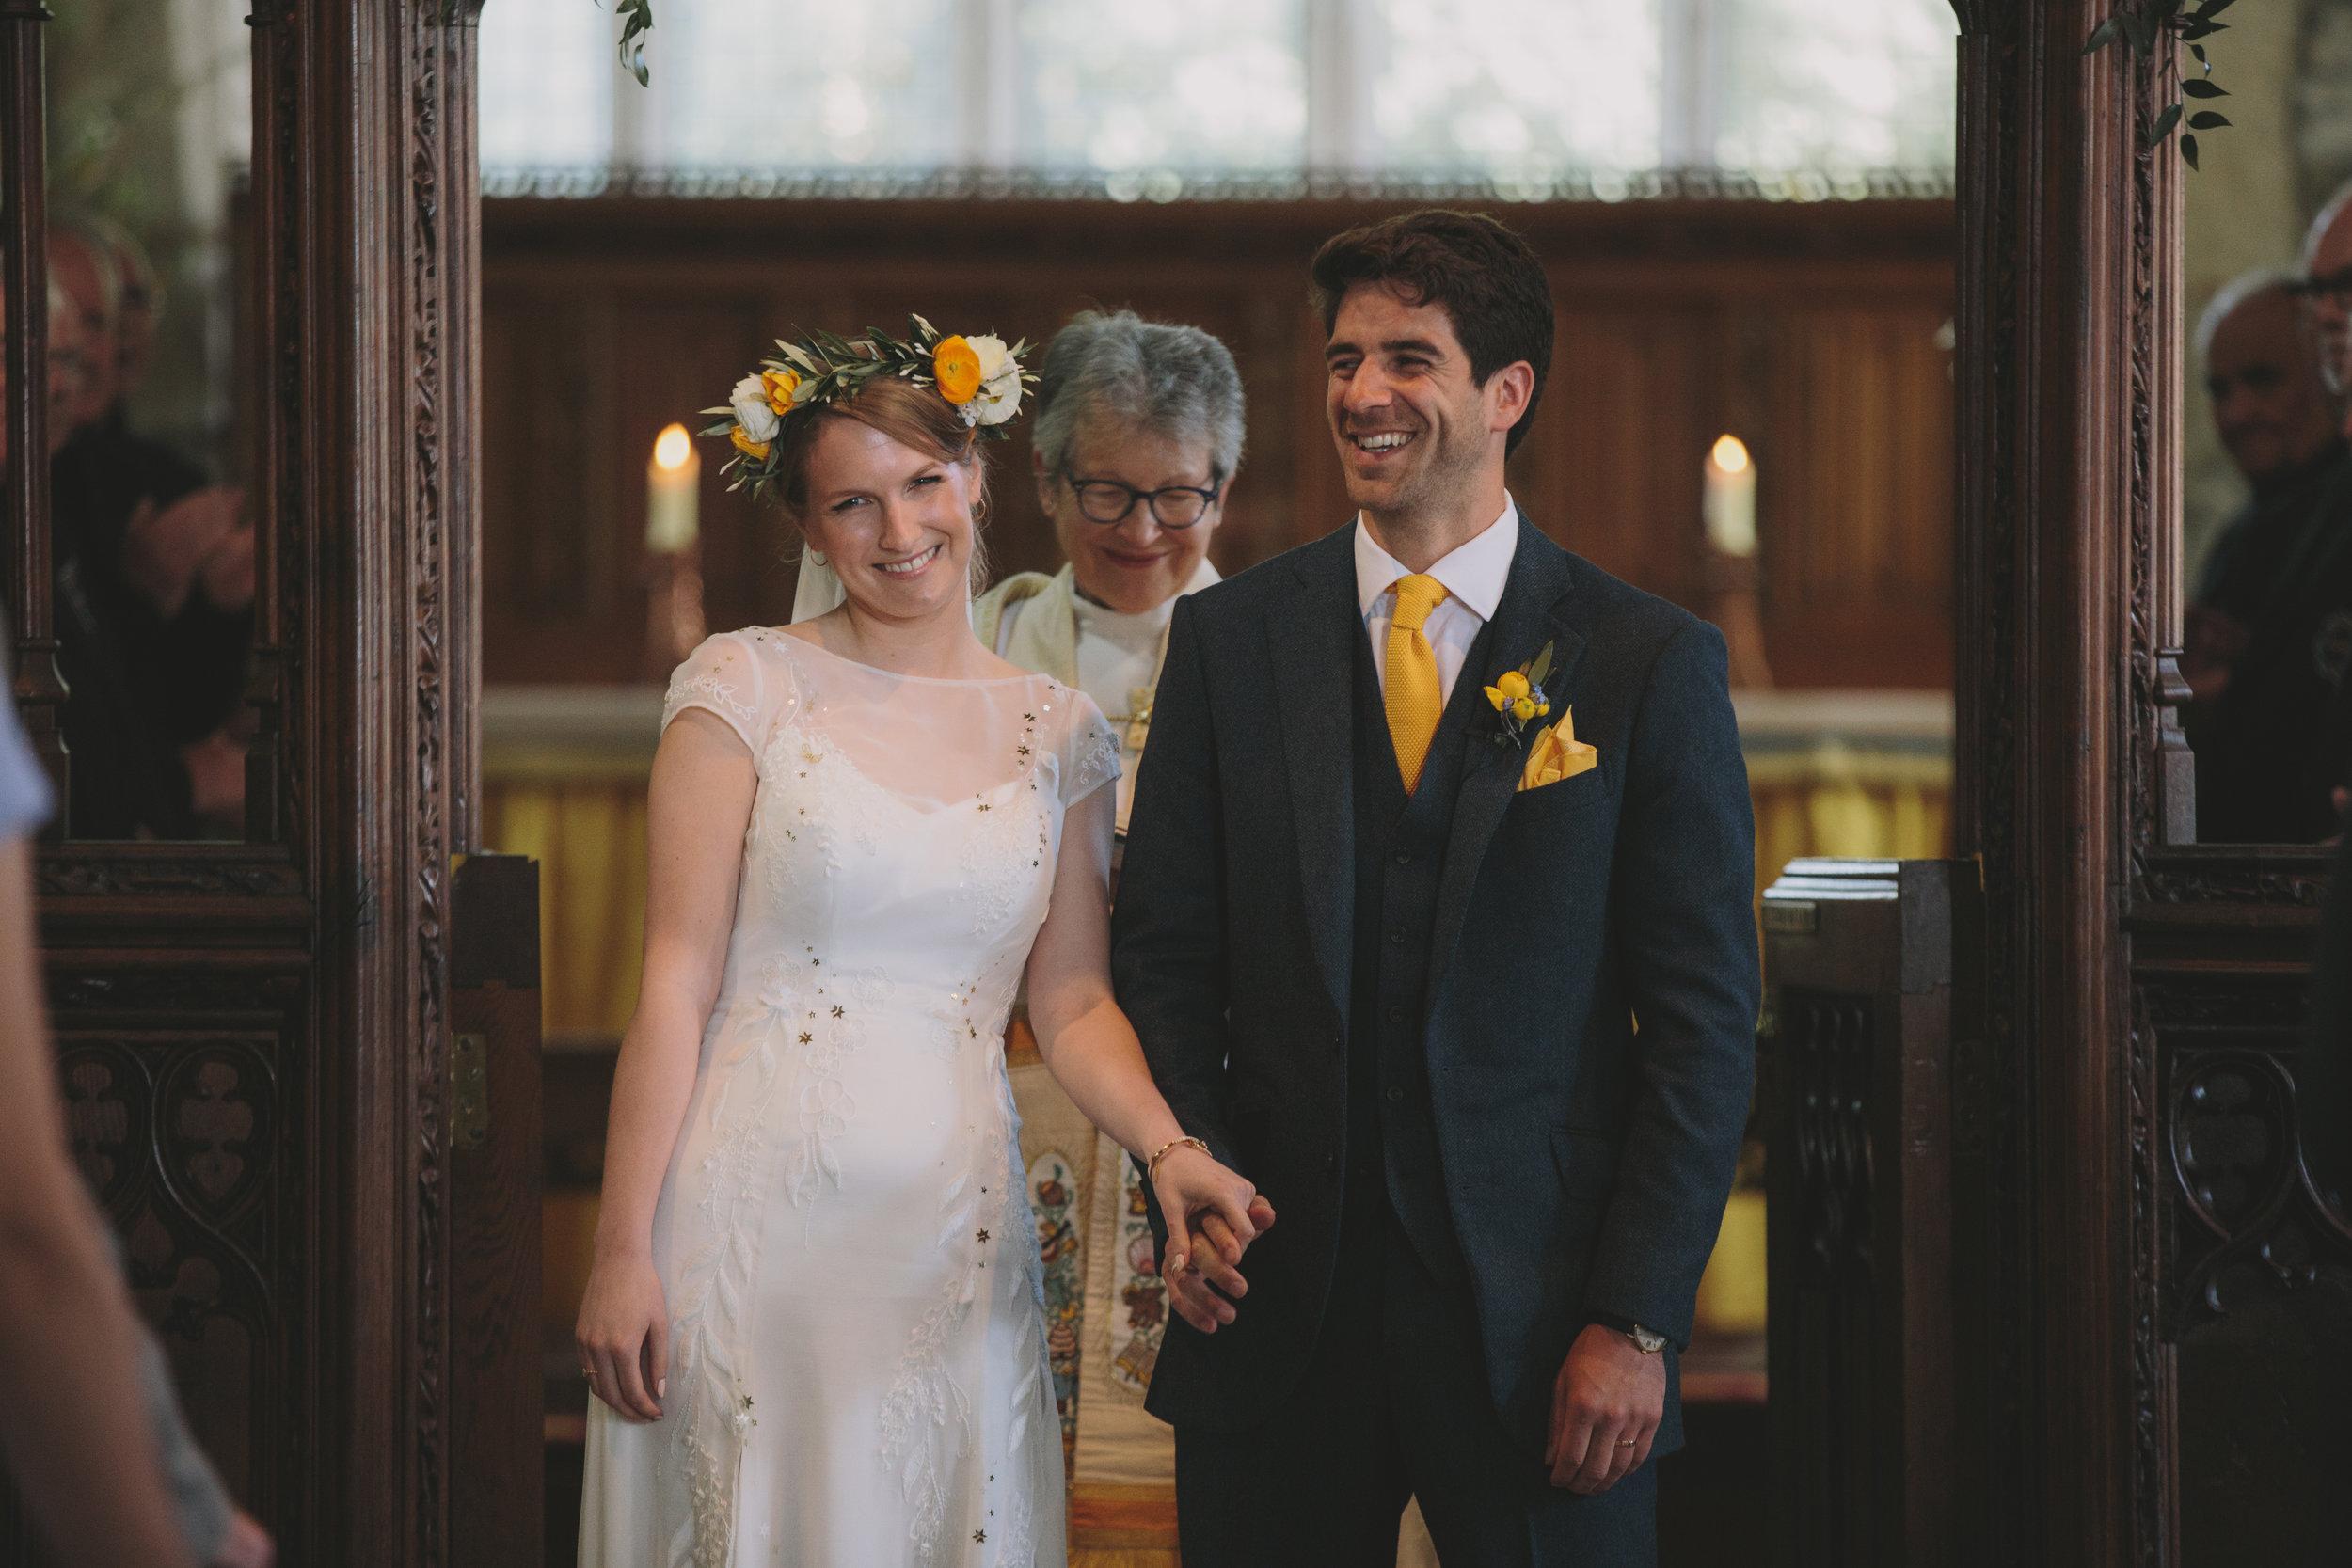 chiffon embroidered wedding dress